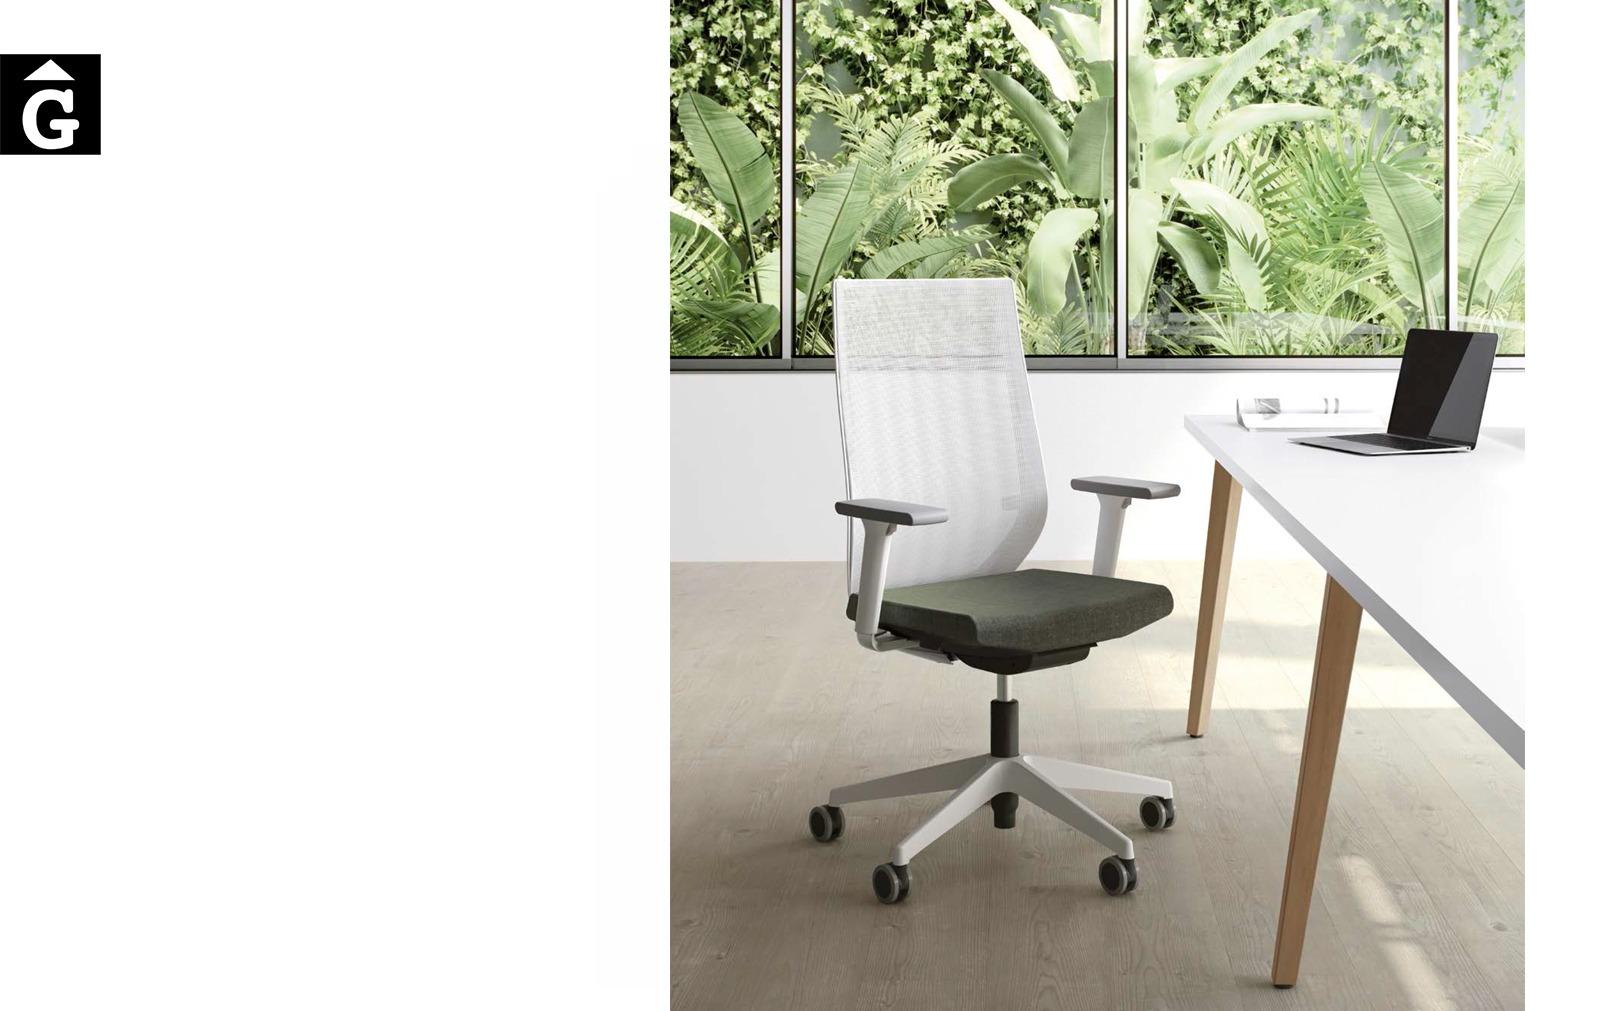 Cadira operativa Eben | Disseny Ito design | Imatge principal | Forma 5 | mobiliari d'oficina molt interessant | mobles Gifreu | botiga | Contract | Mobles nous d'oficina